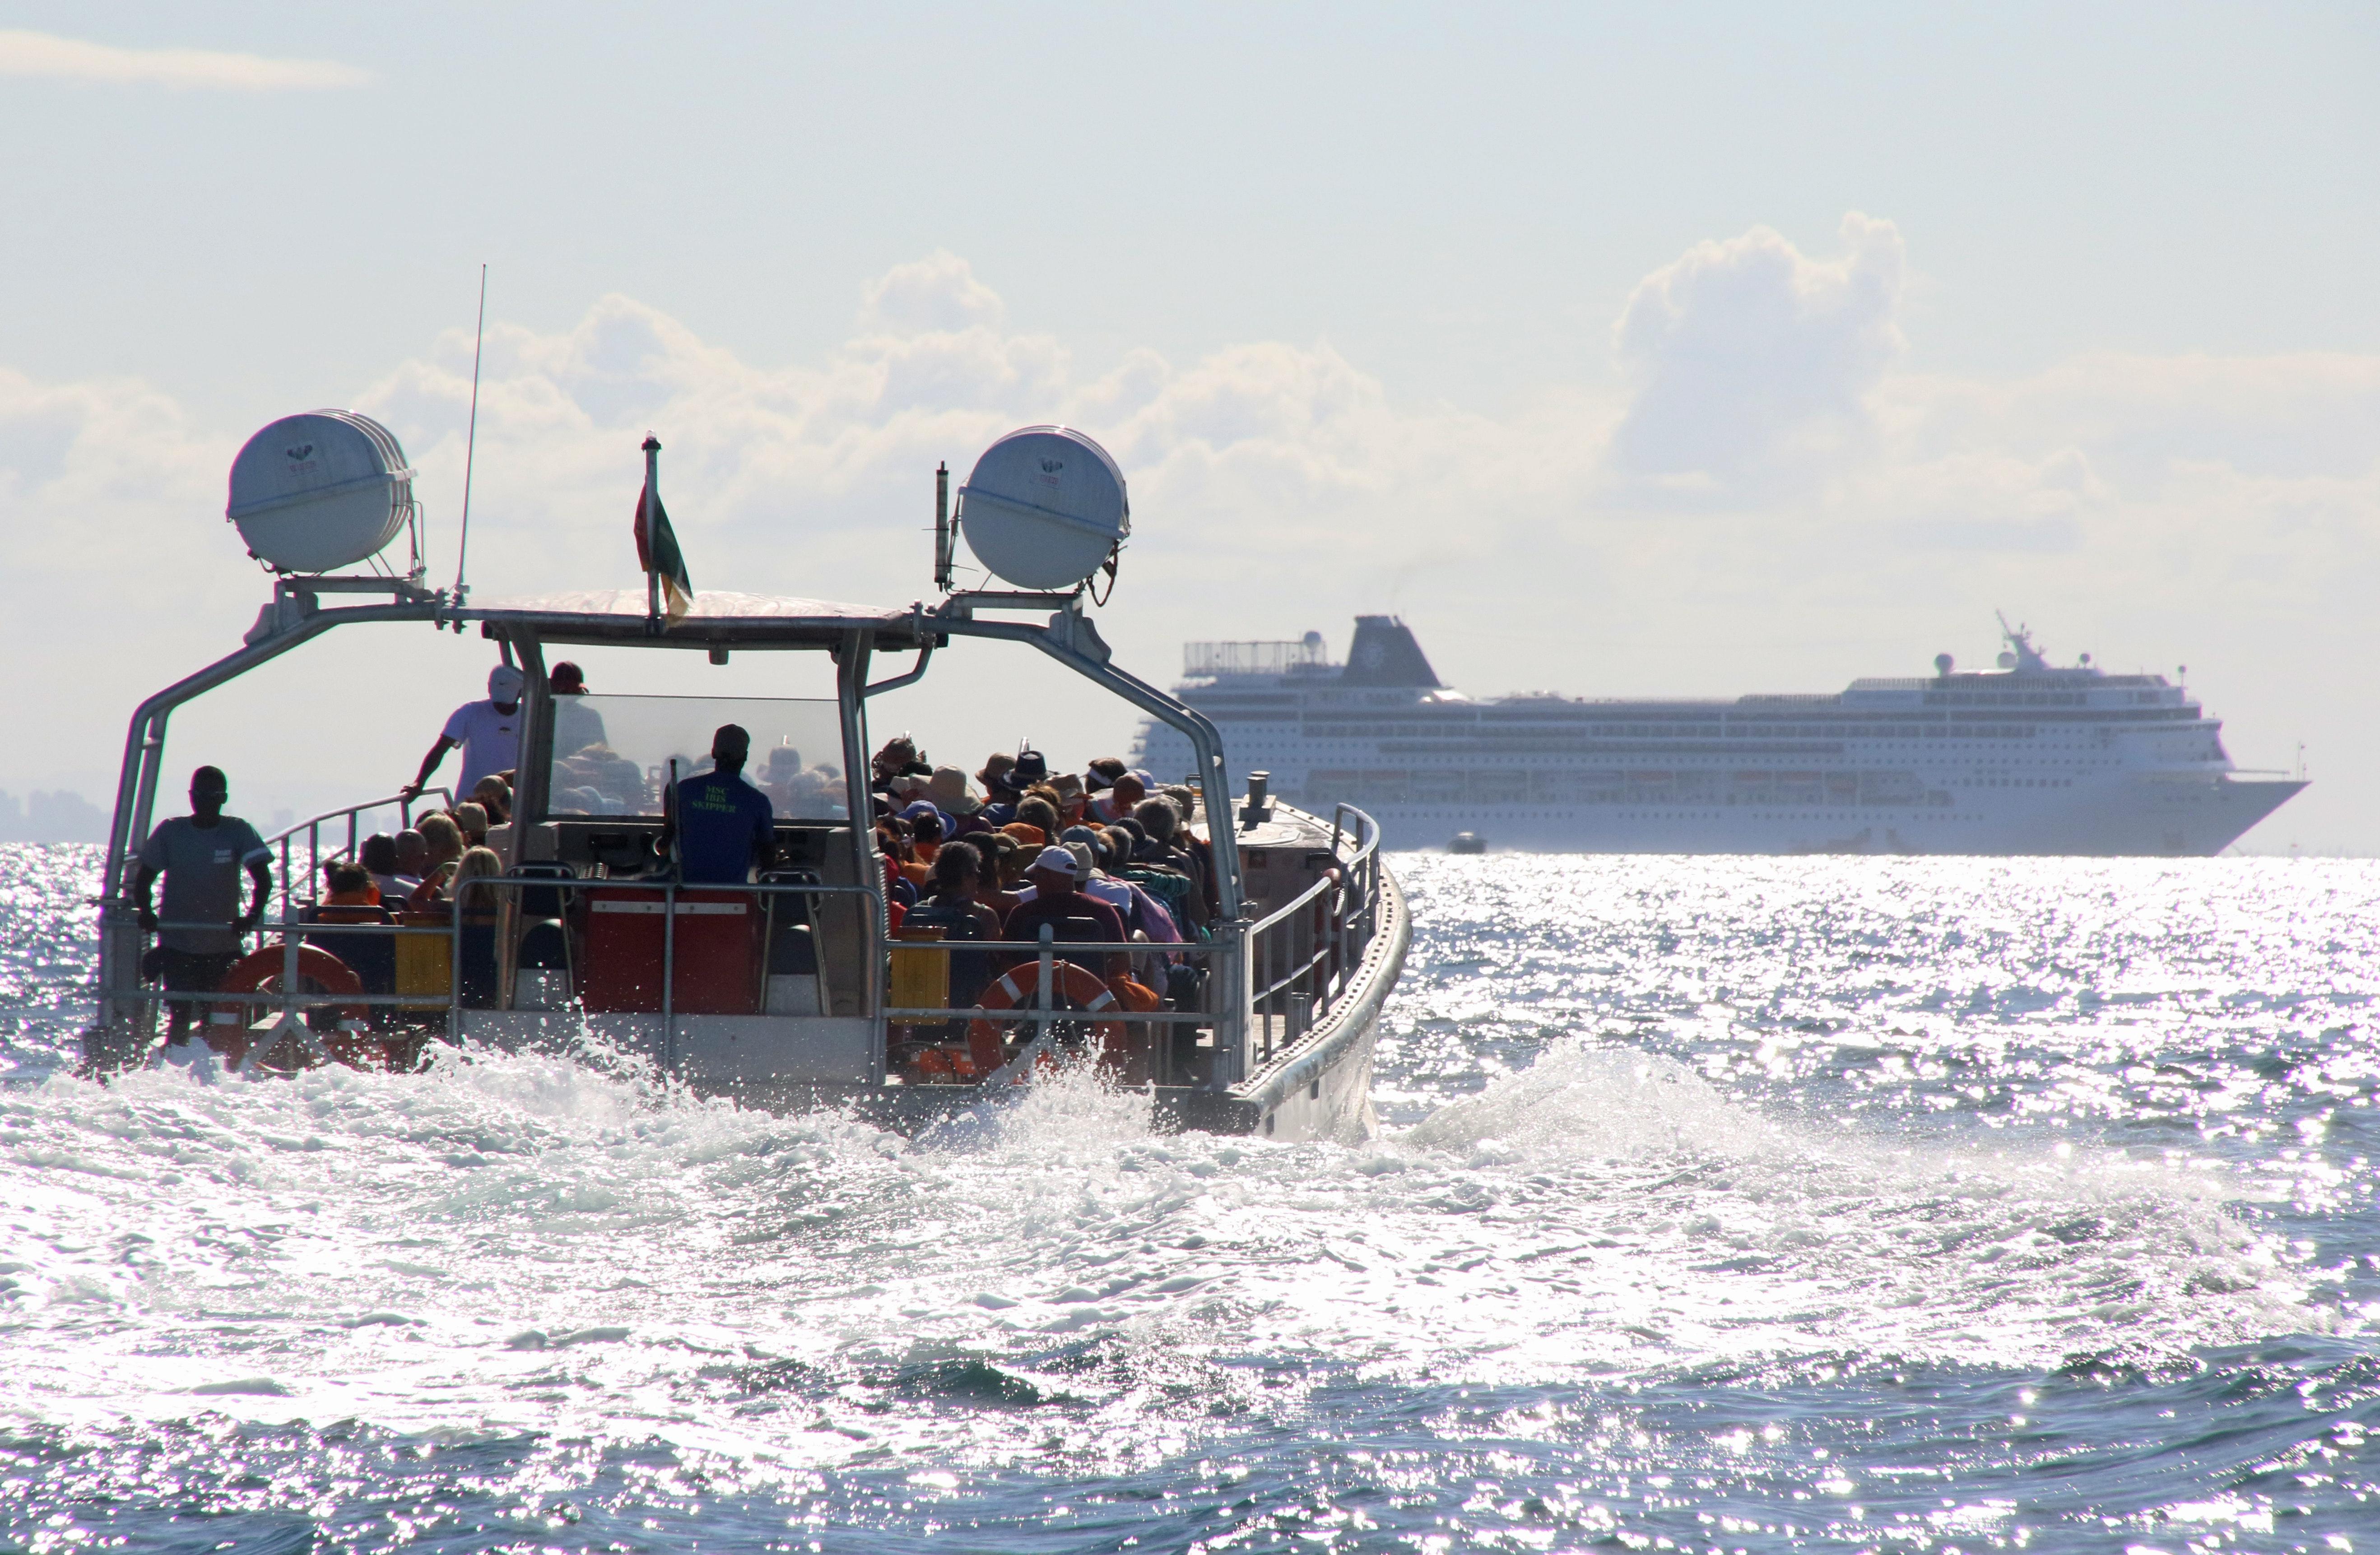 Touristic boat in the sea photo